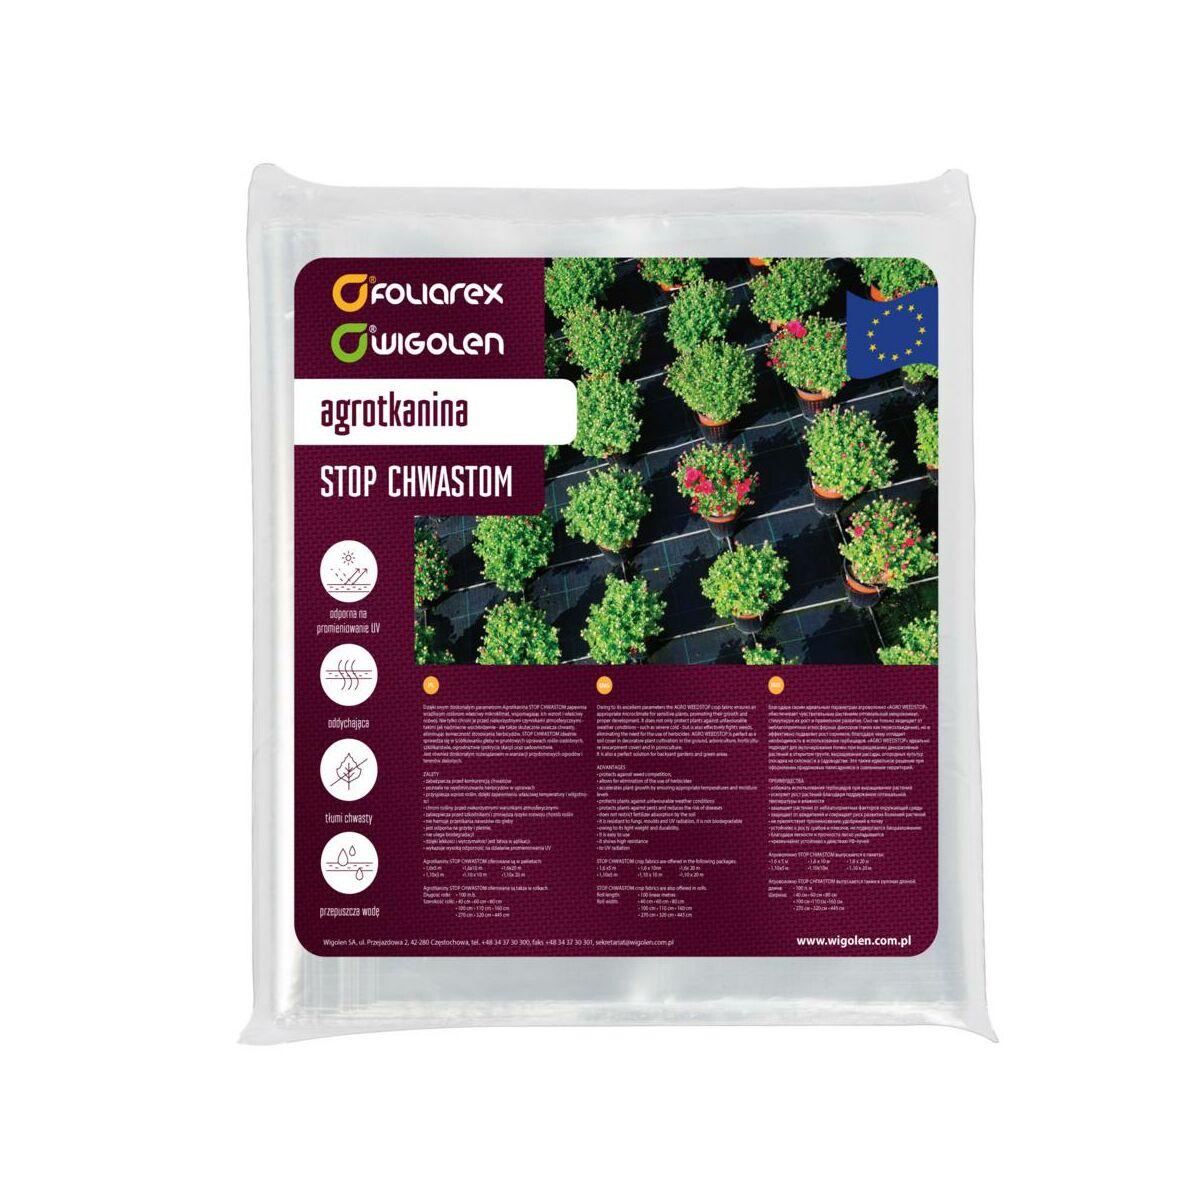 Agrotkanina Ogrodnicza 1 6 M X 10 M 77 G M2 Do Sciolkowania Brazowa Agrowlokniny Tkaniny Sciolkujace W Atrakcyjnej Cenie W Sklepach Leroy Merlin